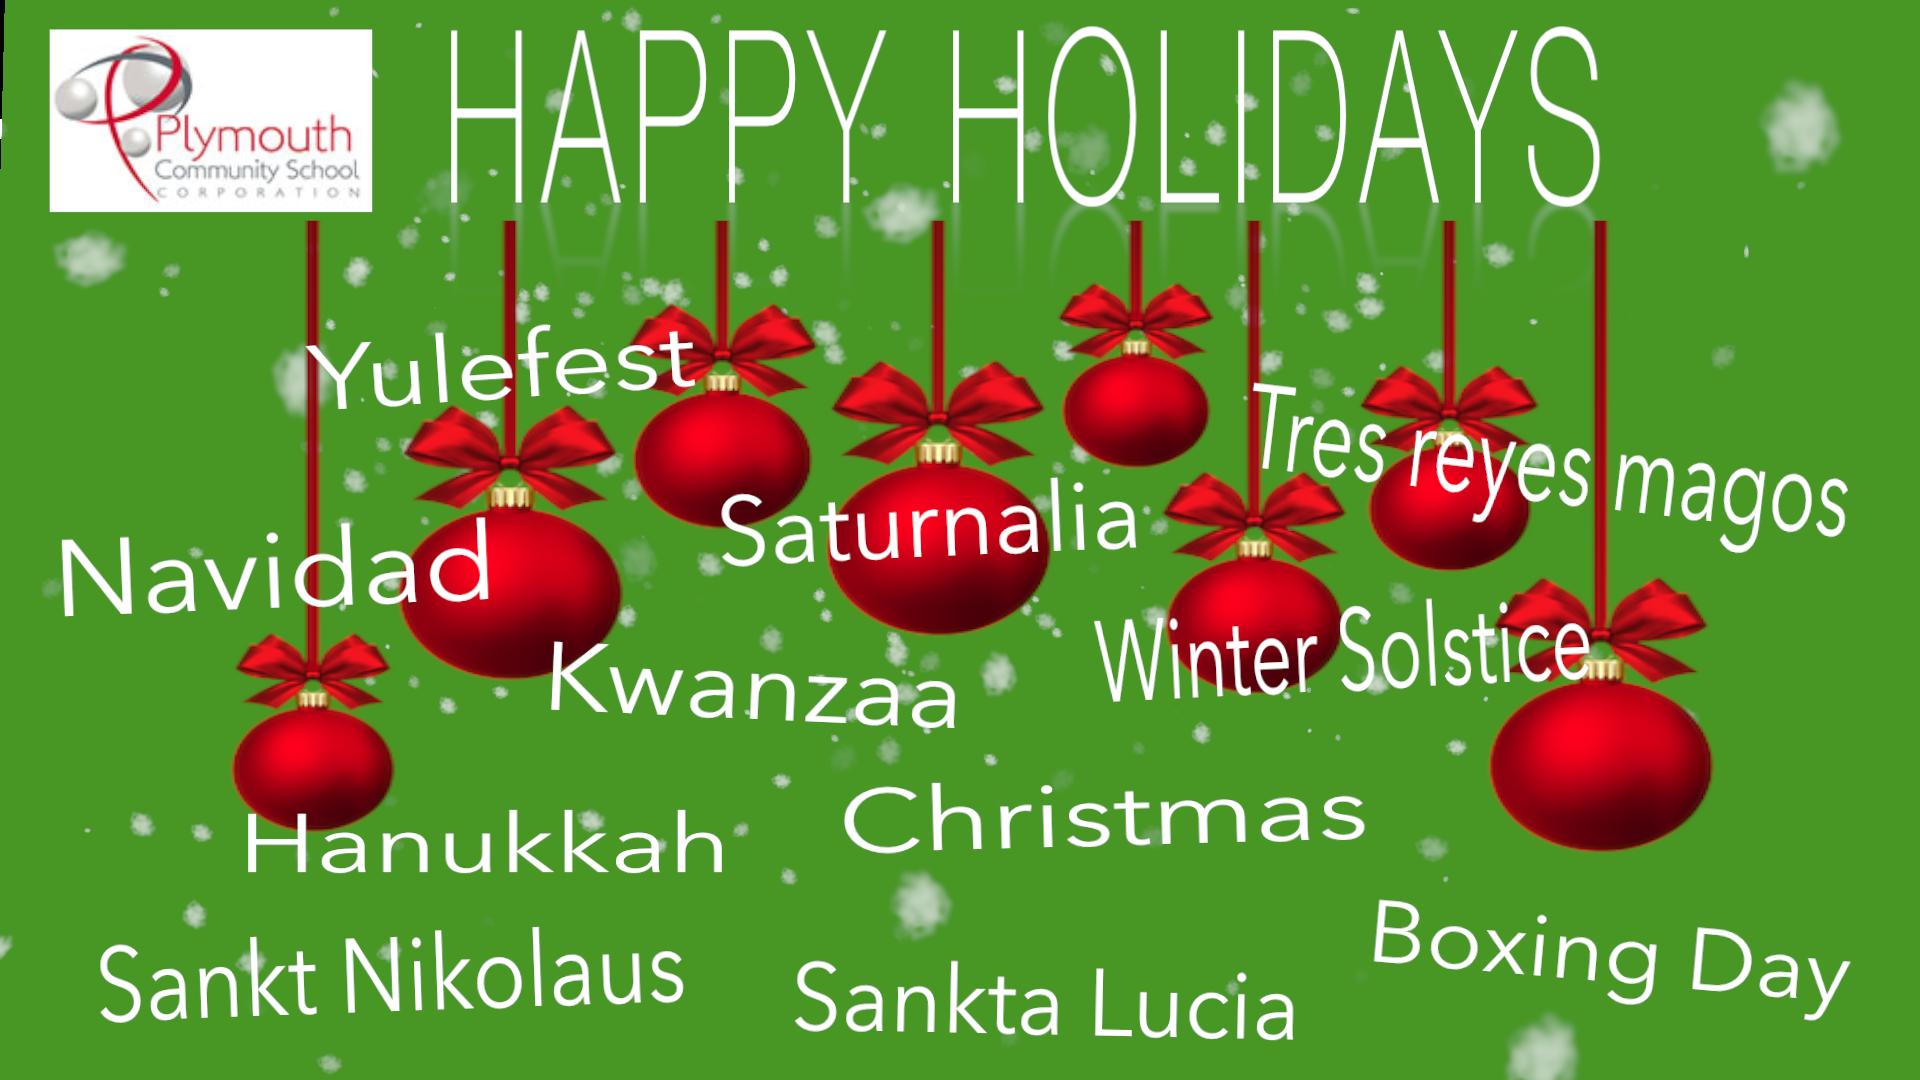 Happy Holidays Happy Kwanzaa Happy Hanukkah Happy Holidays